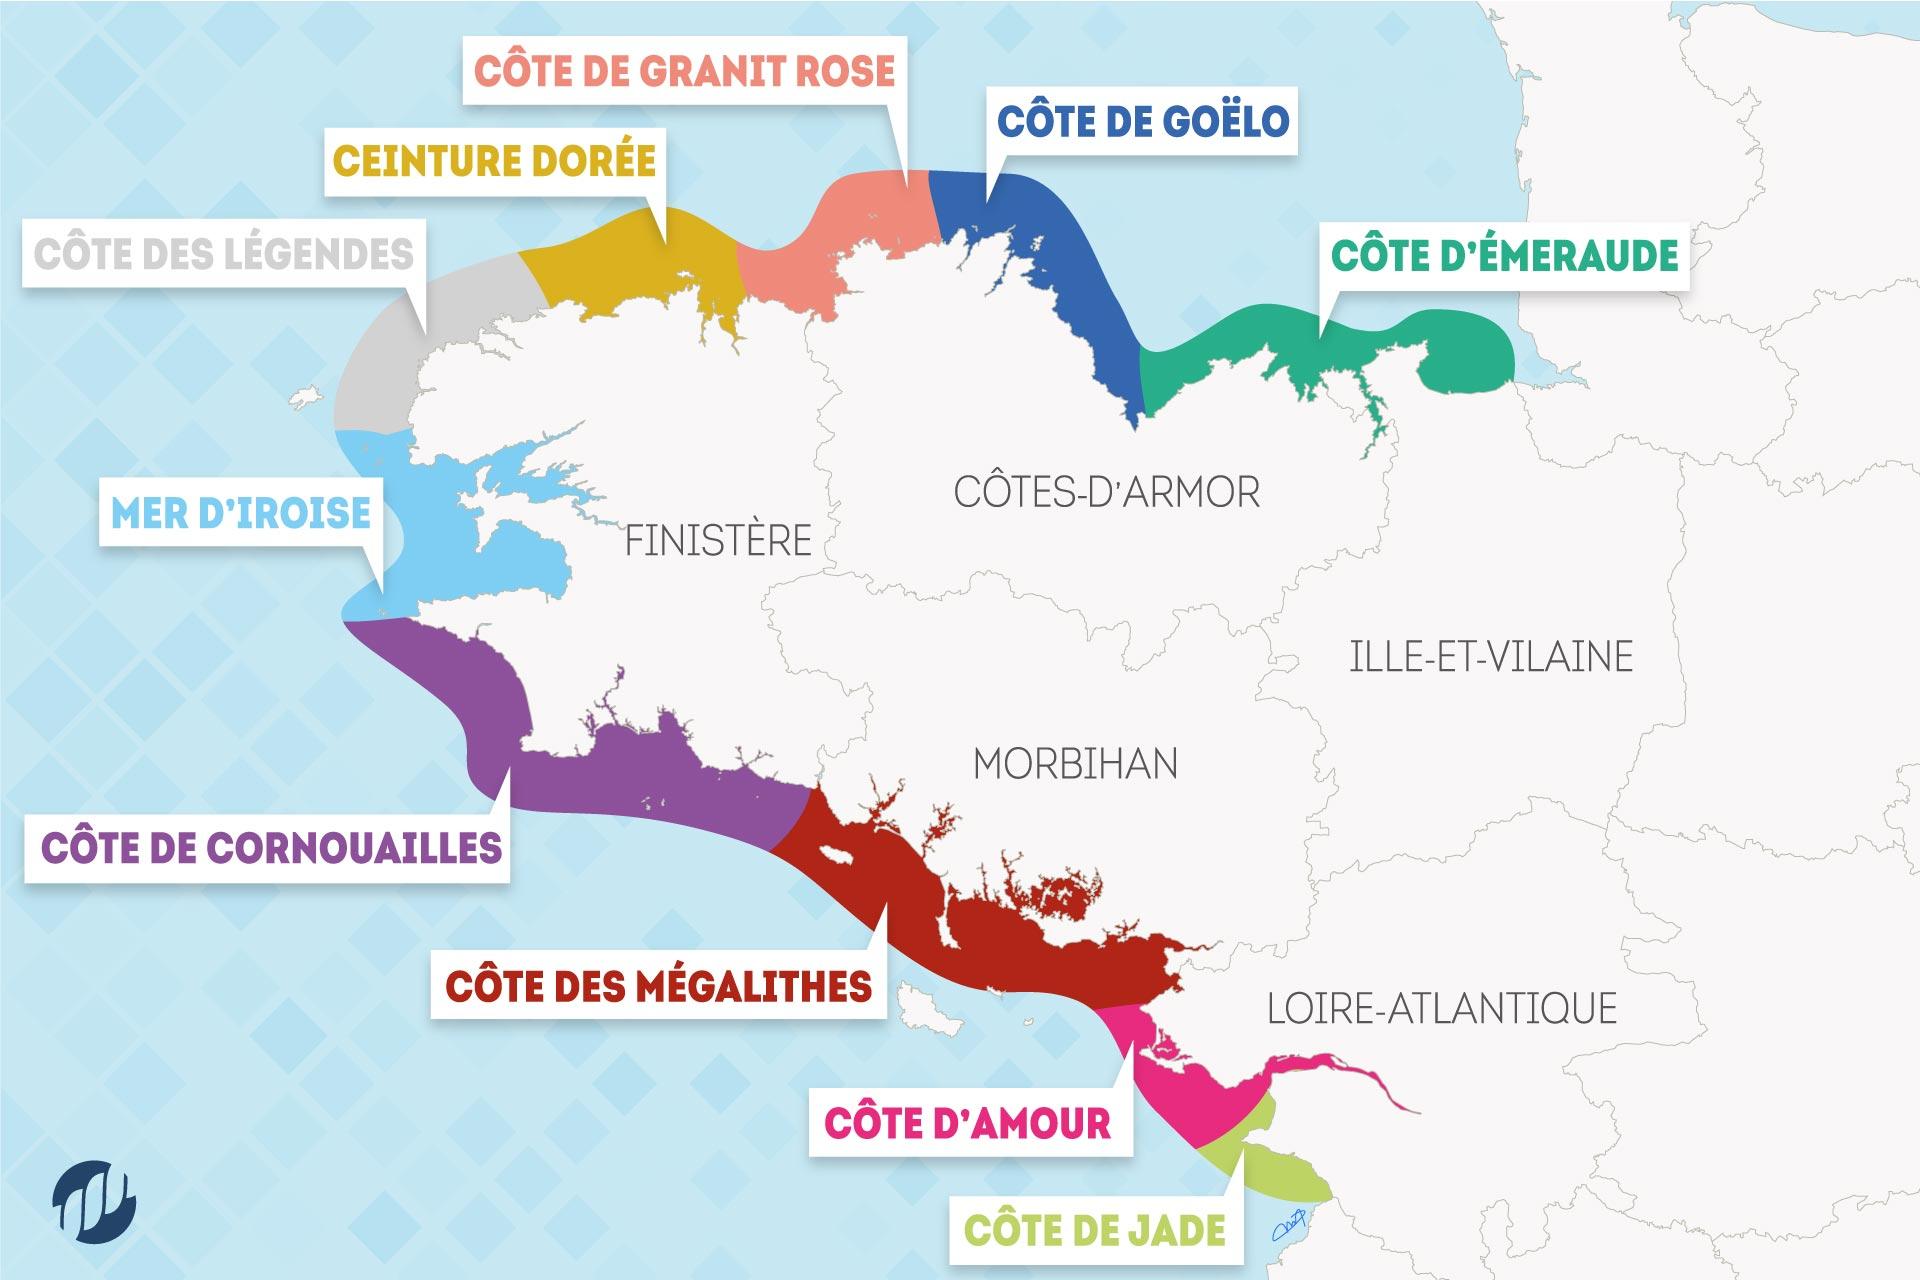 Carte Cote Ouest Bretagne.Connaitre Les Noms Des Cotes Du Littoral Breton Port D Attache